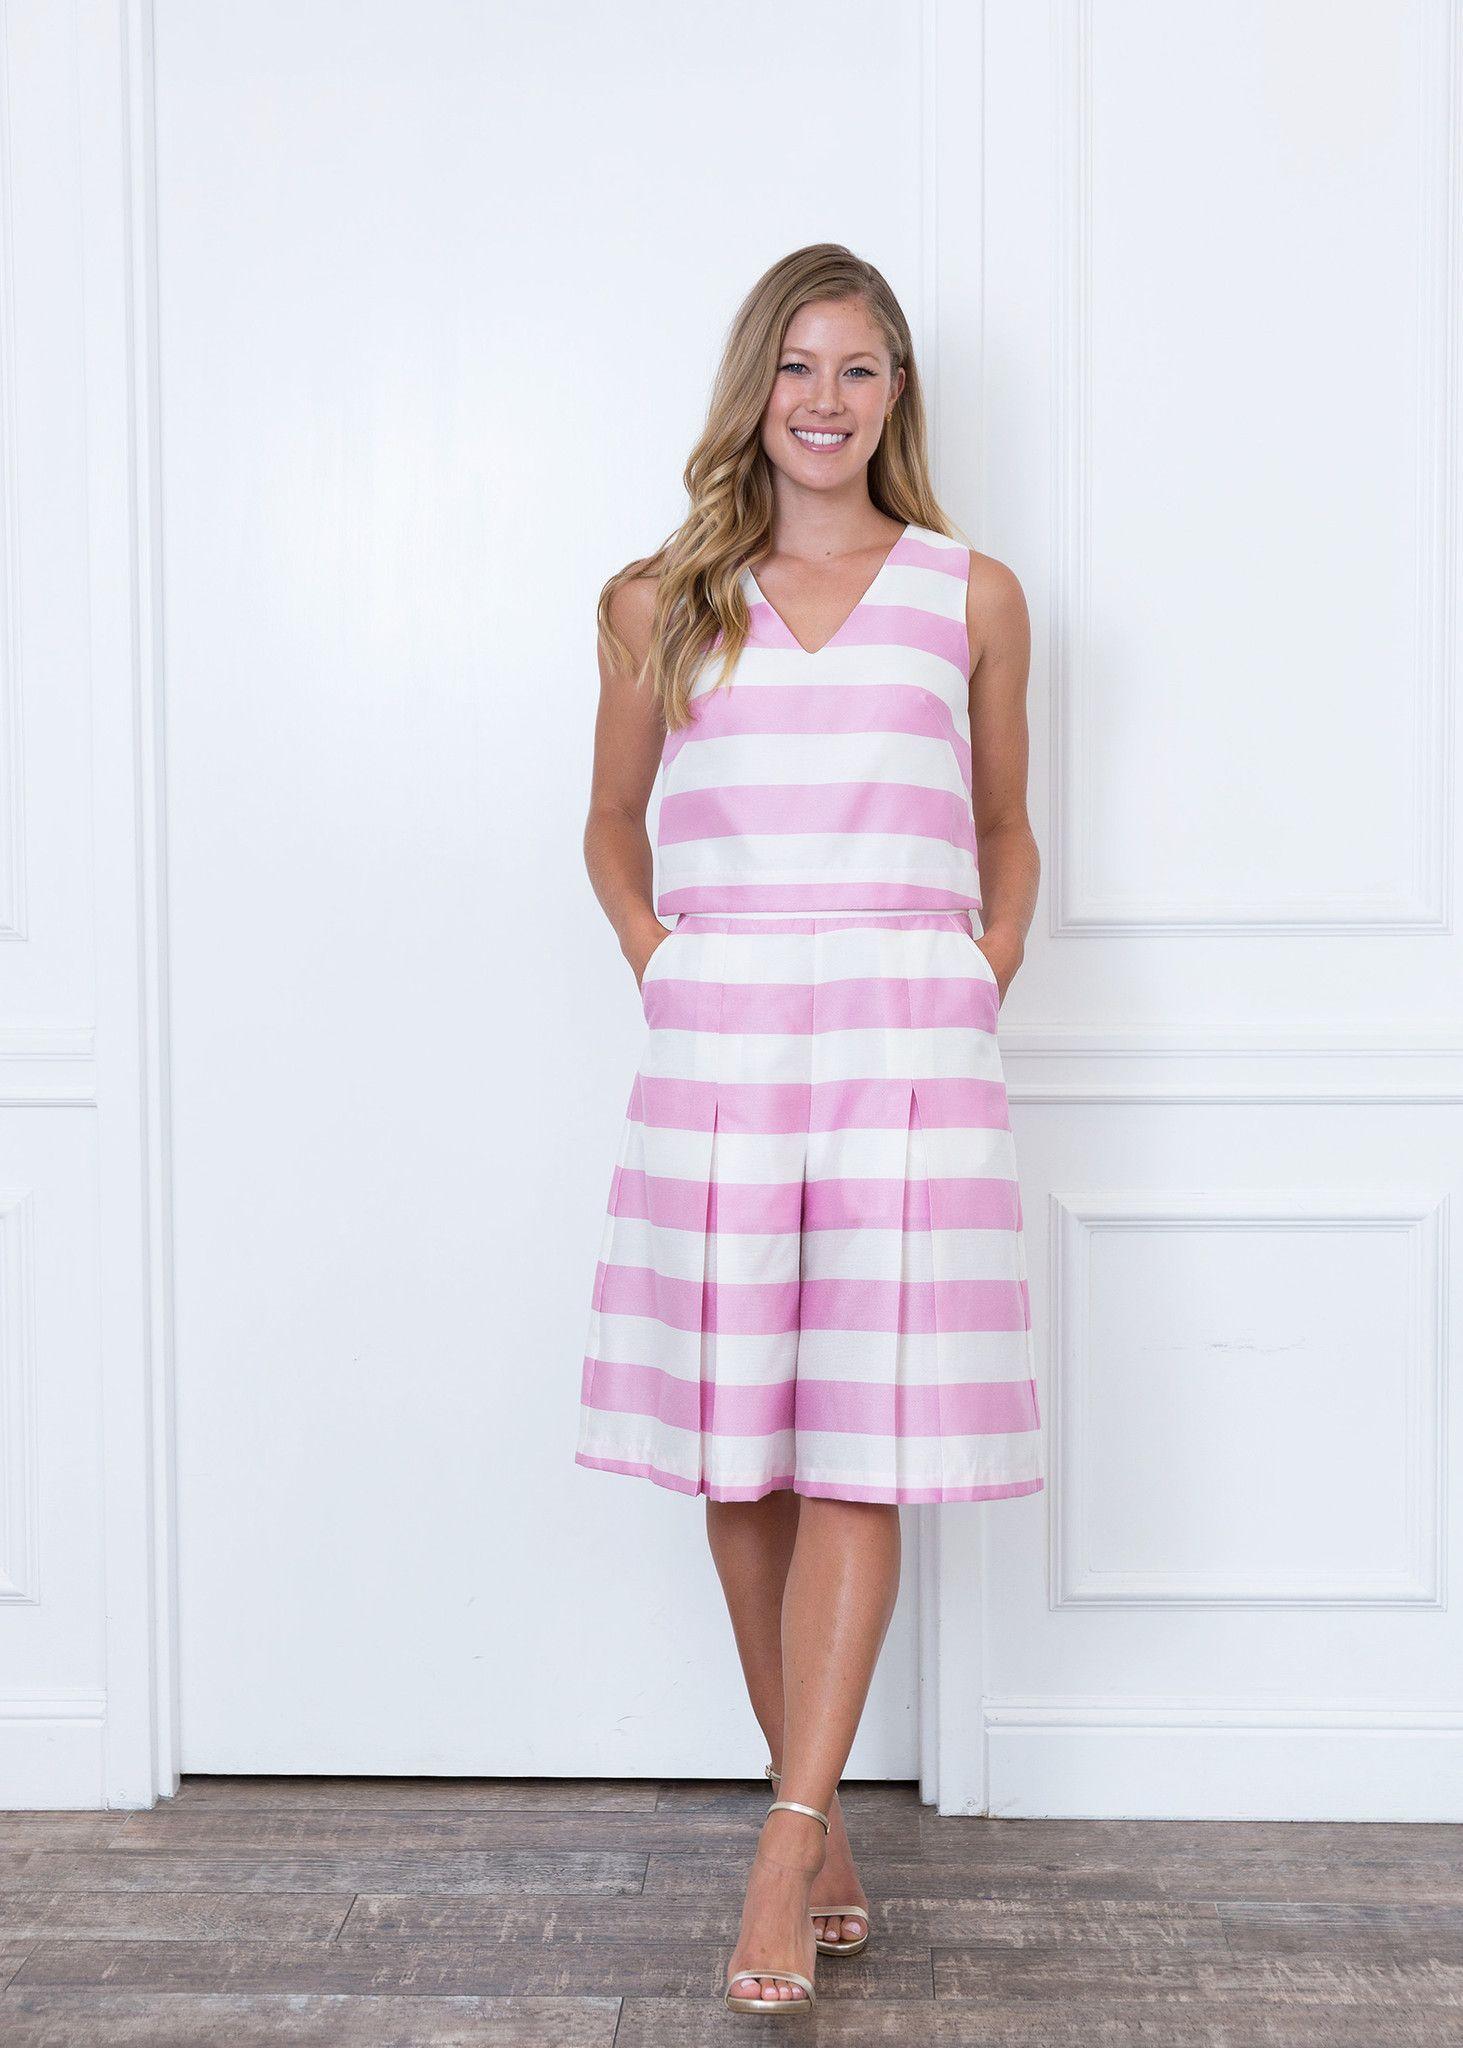 Sarah Pink Striped Crop Top